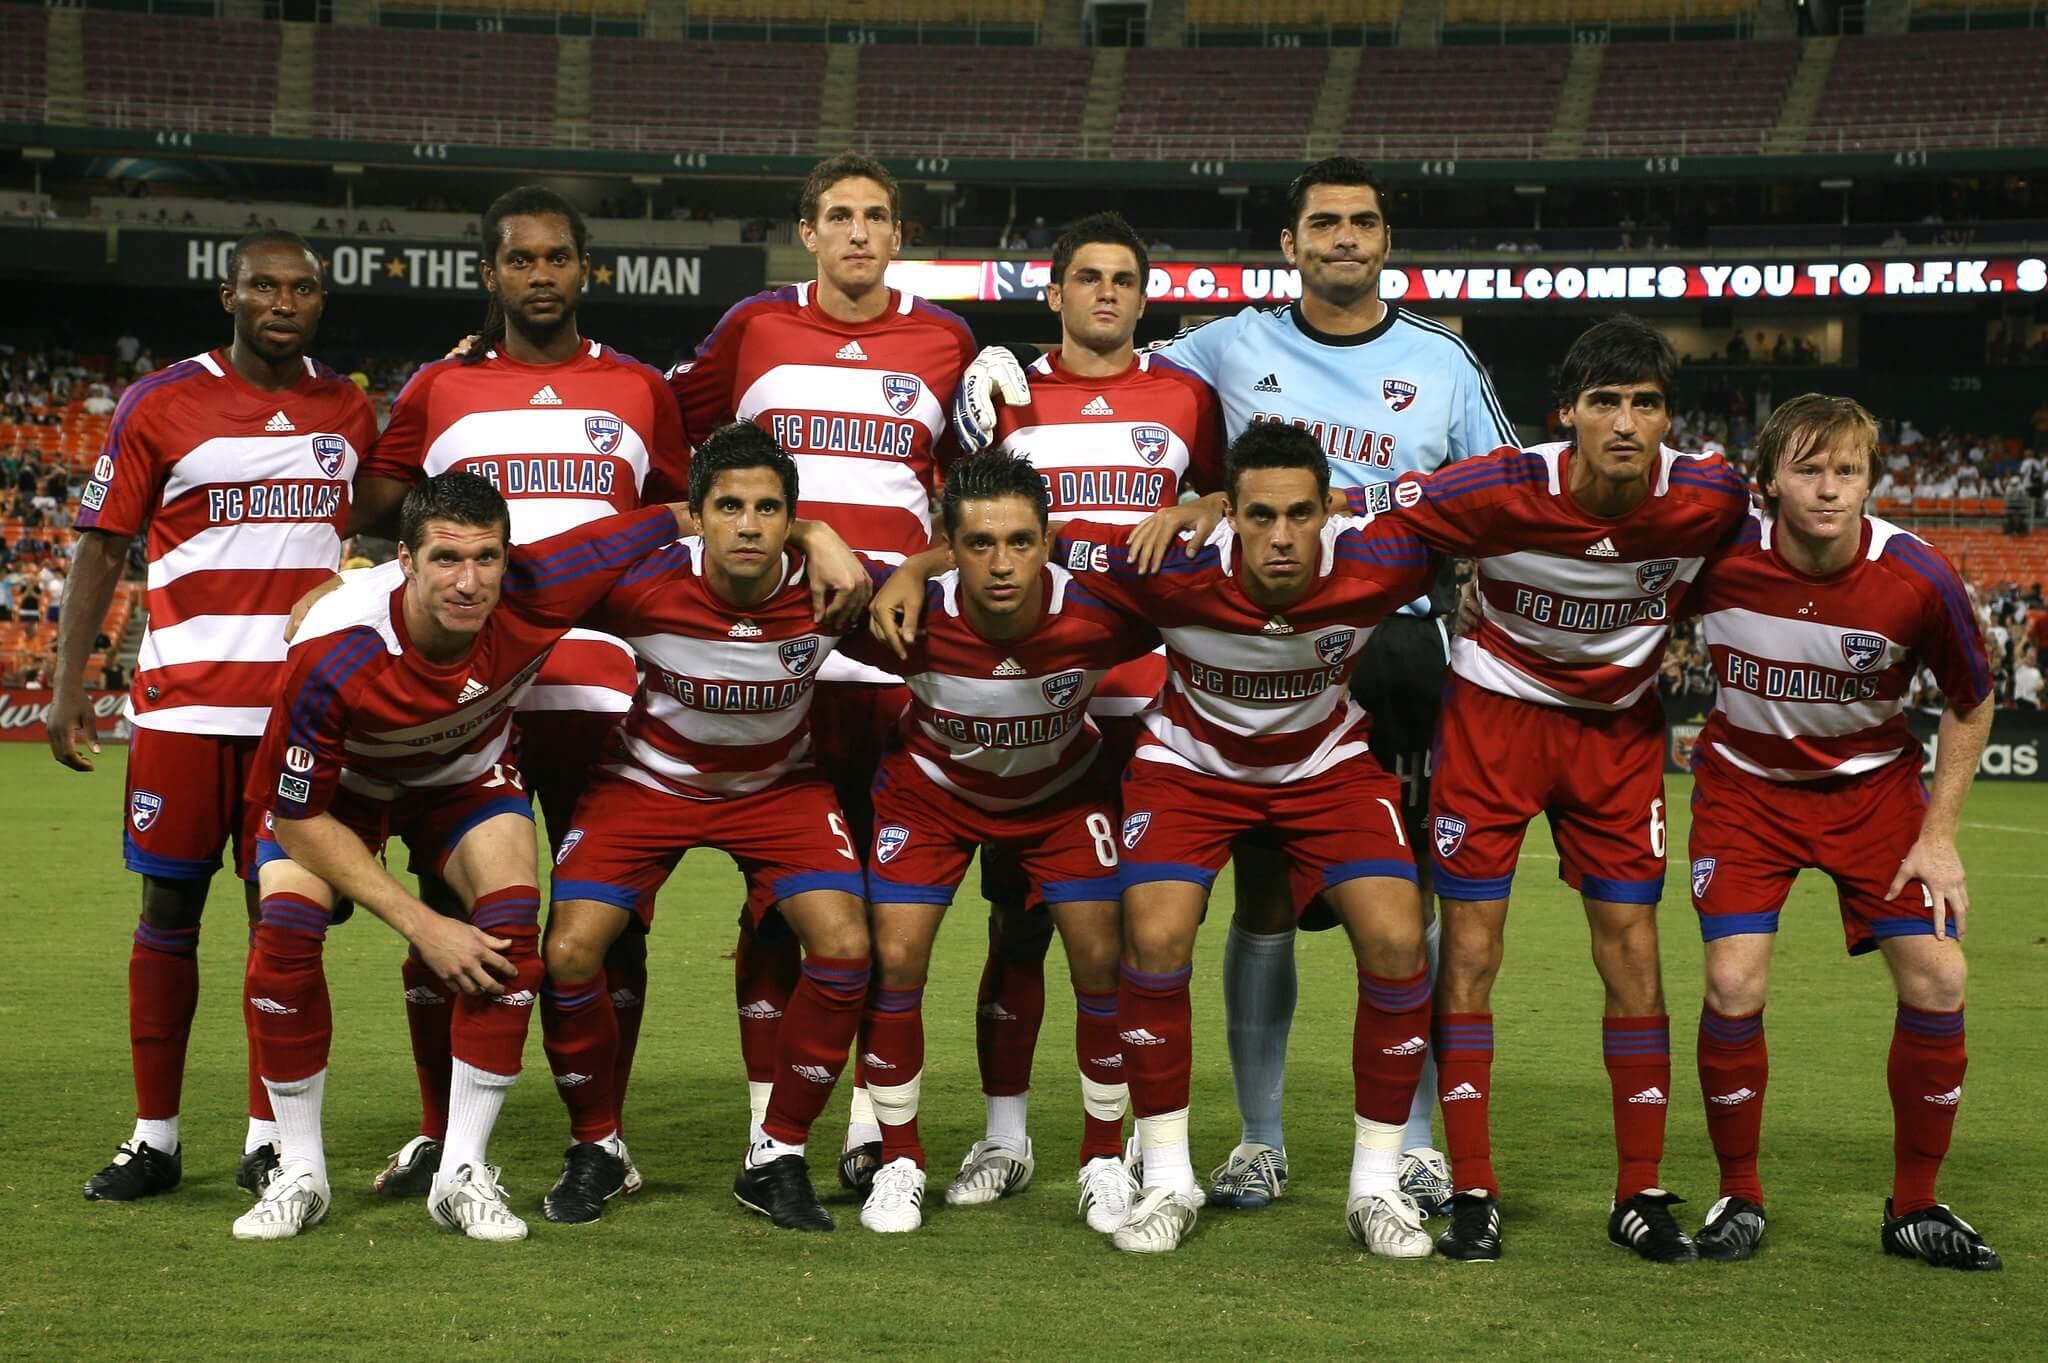 FC Dallas soccer players